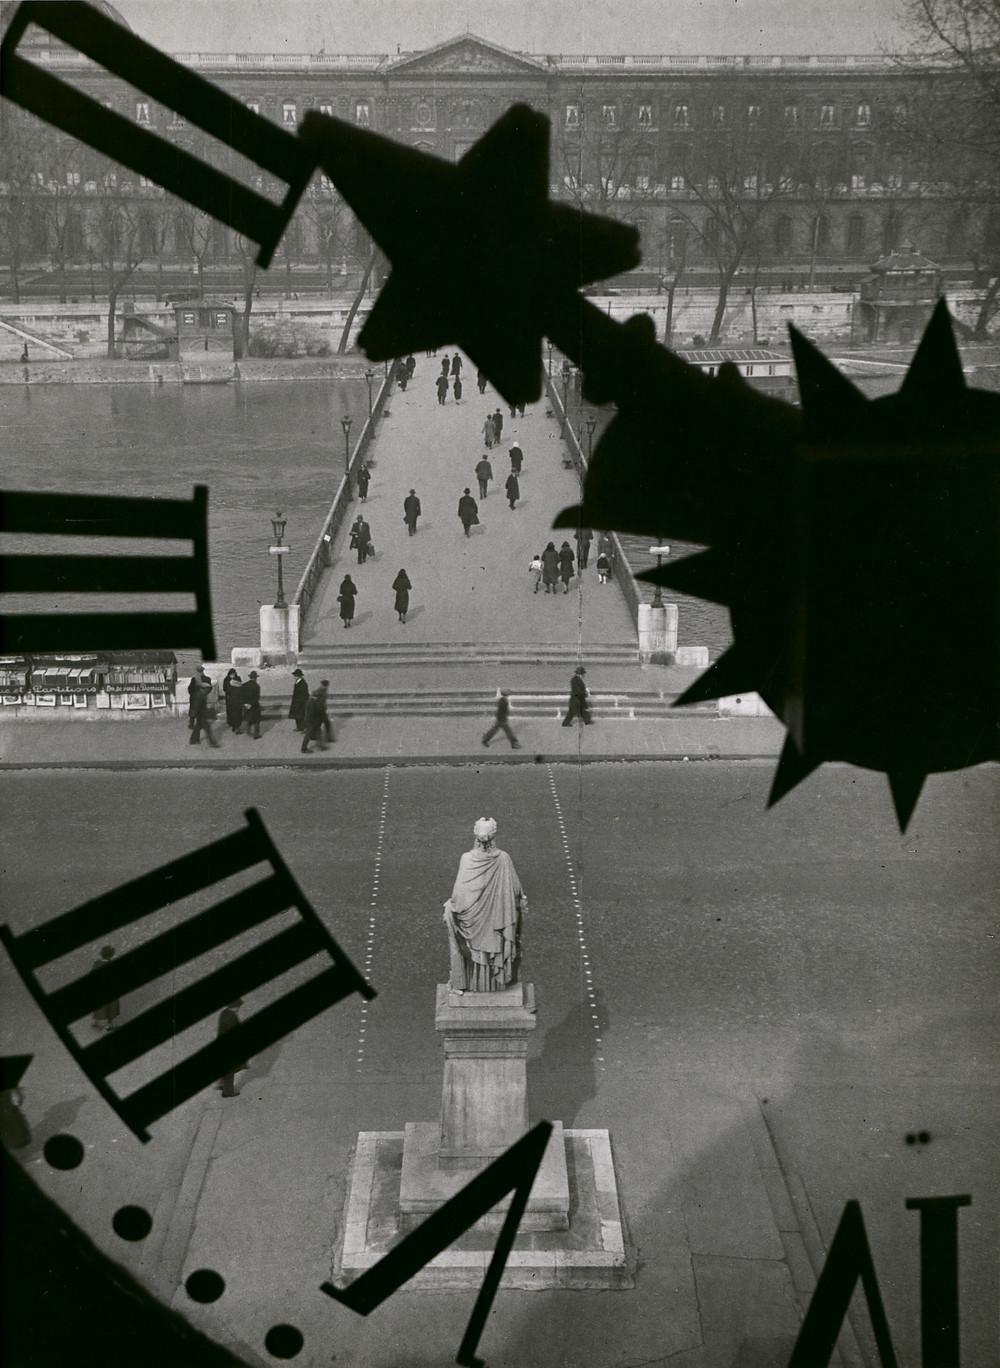 André Kertész: A Pont des Arts az Institute de France óratornyából, Párizs, 1931. (Pontatlan fordítás: az épülenek nincsen tornya. A szerk.)